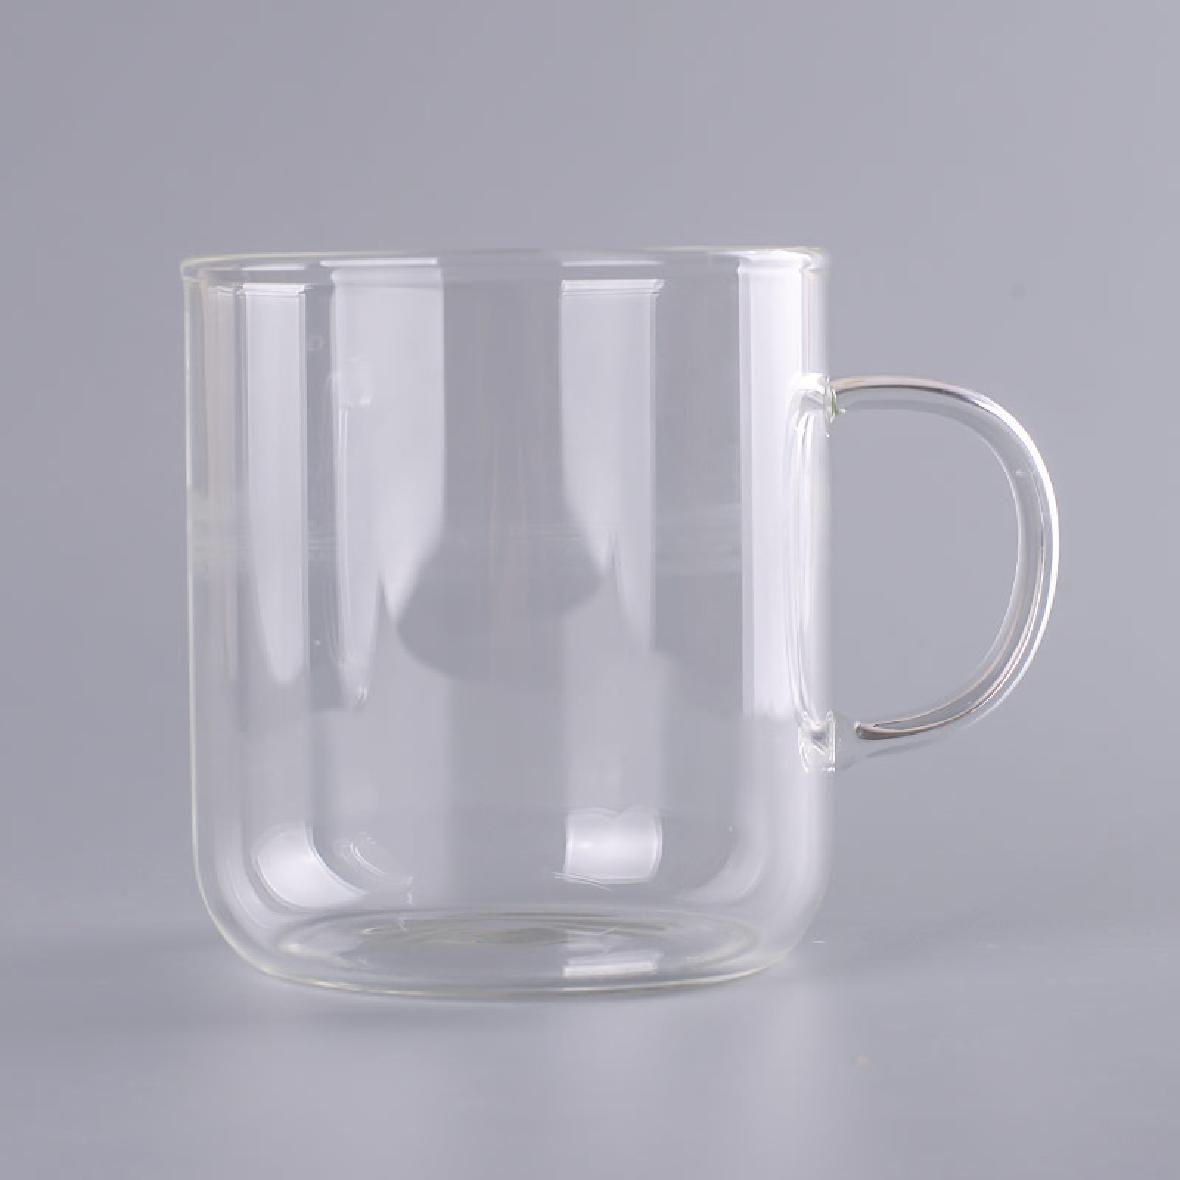 玻璃饰品厂家直销